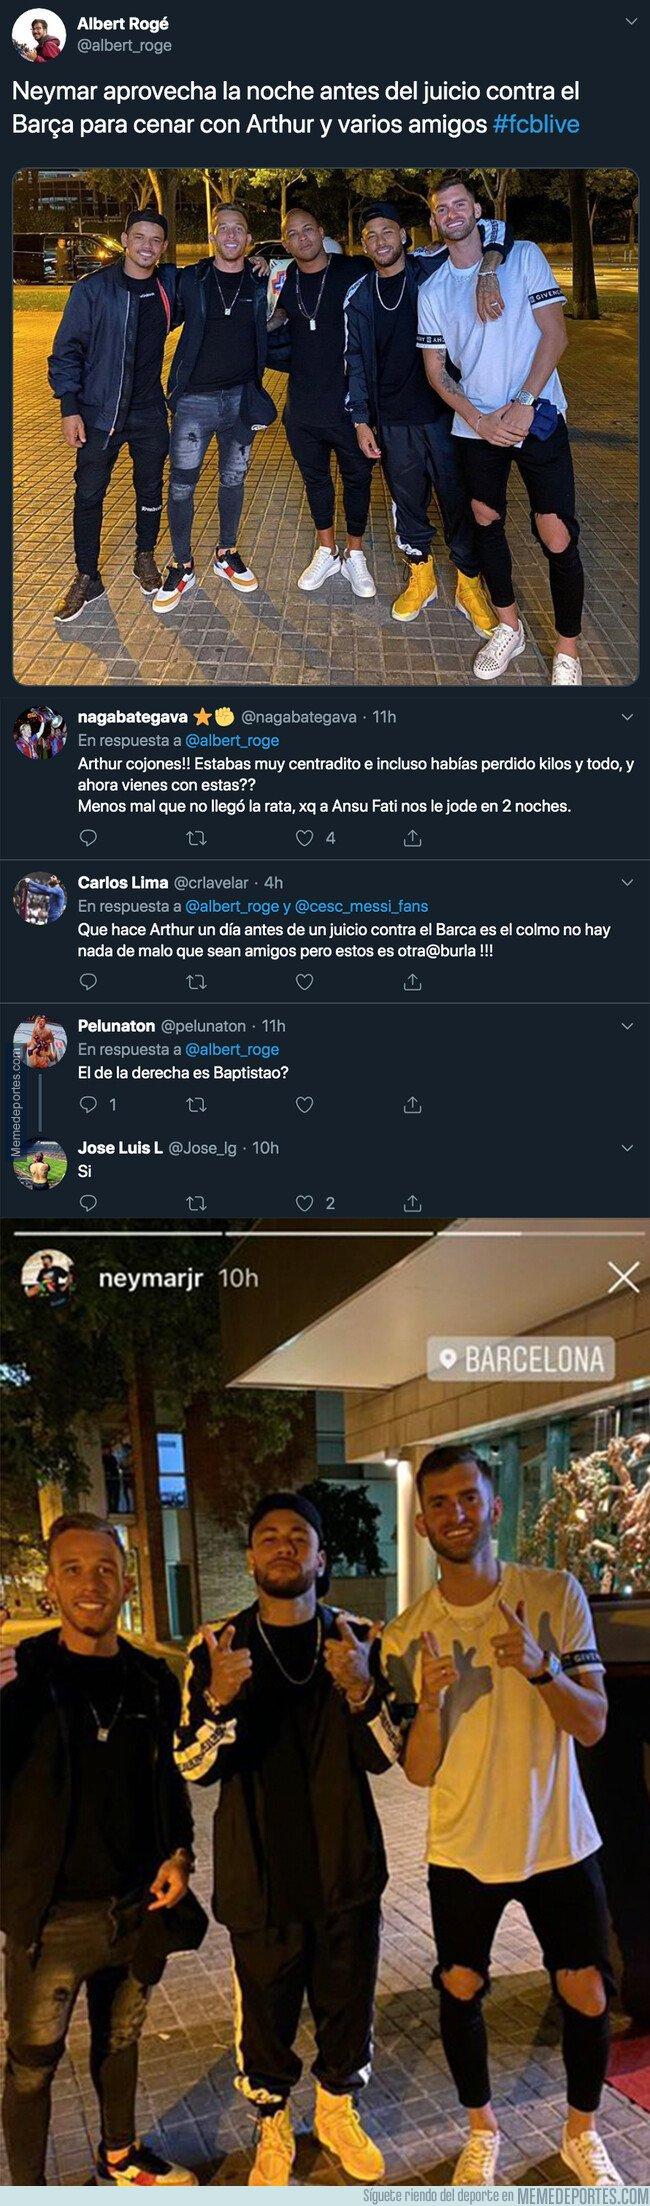 1086922 - Lío monumental por la fiesta que se pegó Arthur junto a Neymar el día antes del juicio contra el Barça de los Neymar